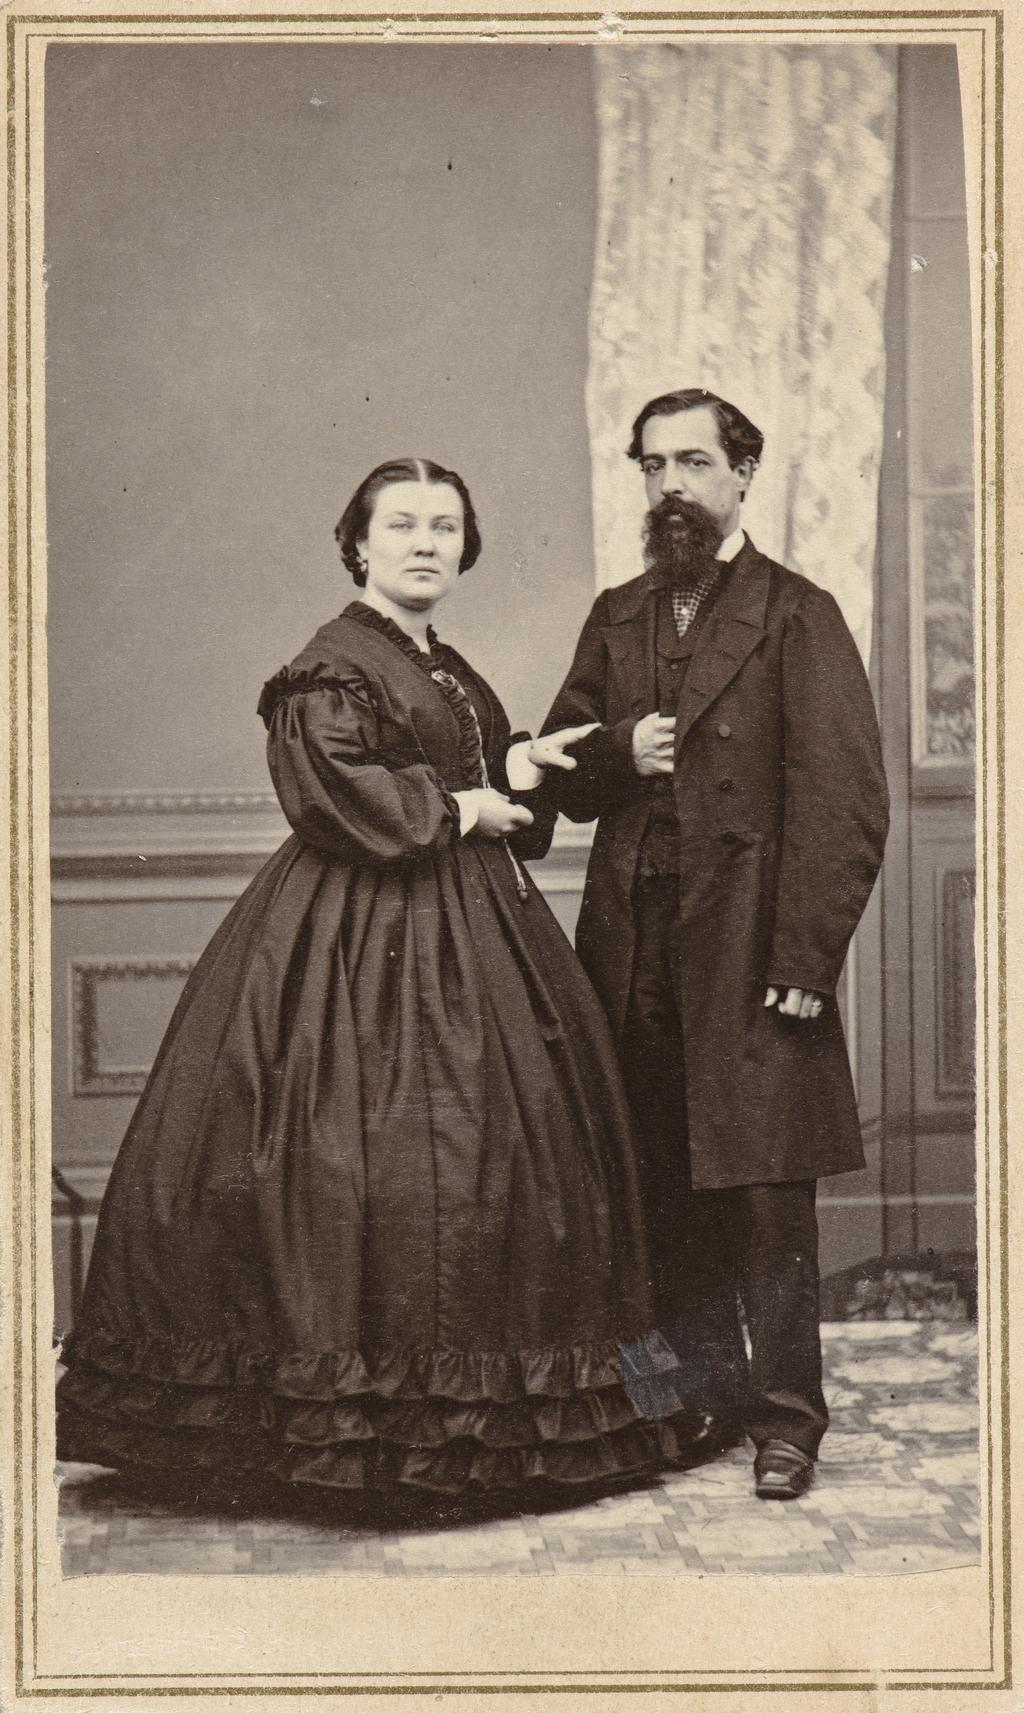 Louis Lamontagne et son épouse, de l'album de collection dit de Napoléon Garneau